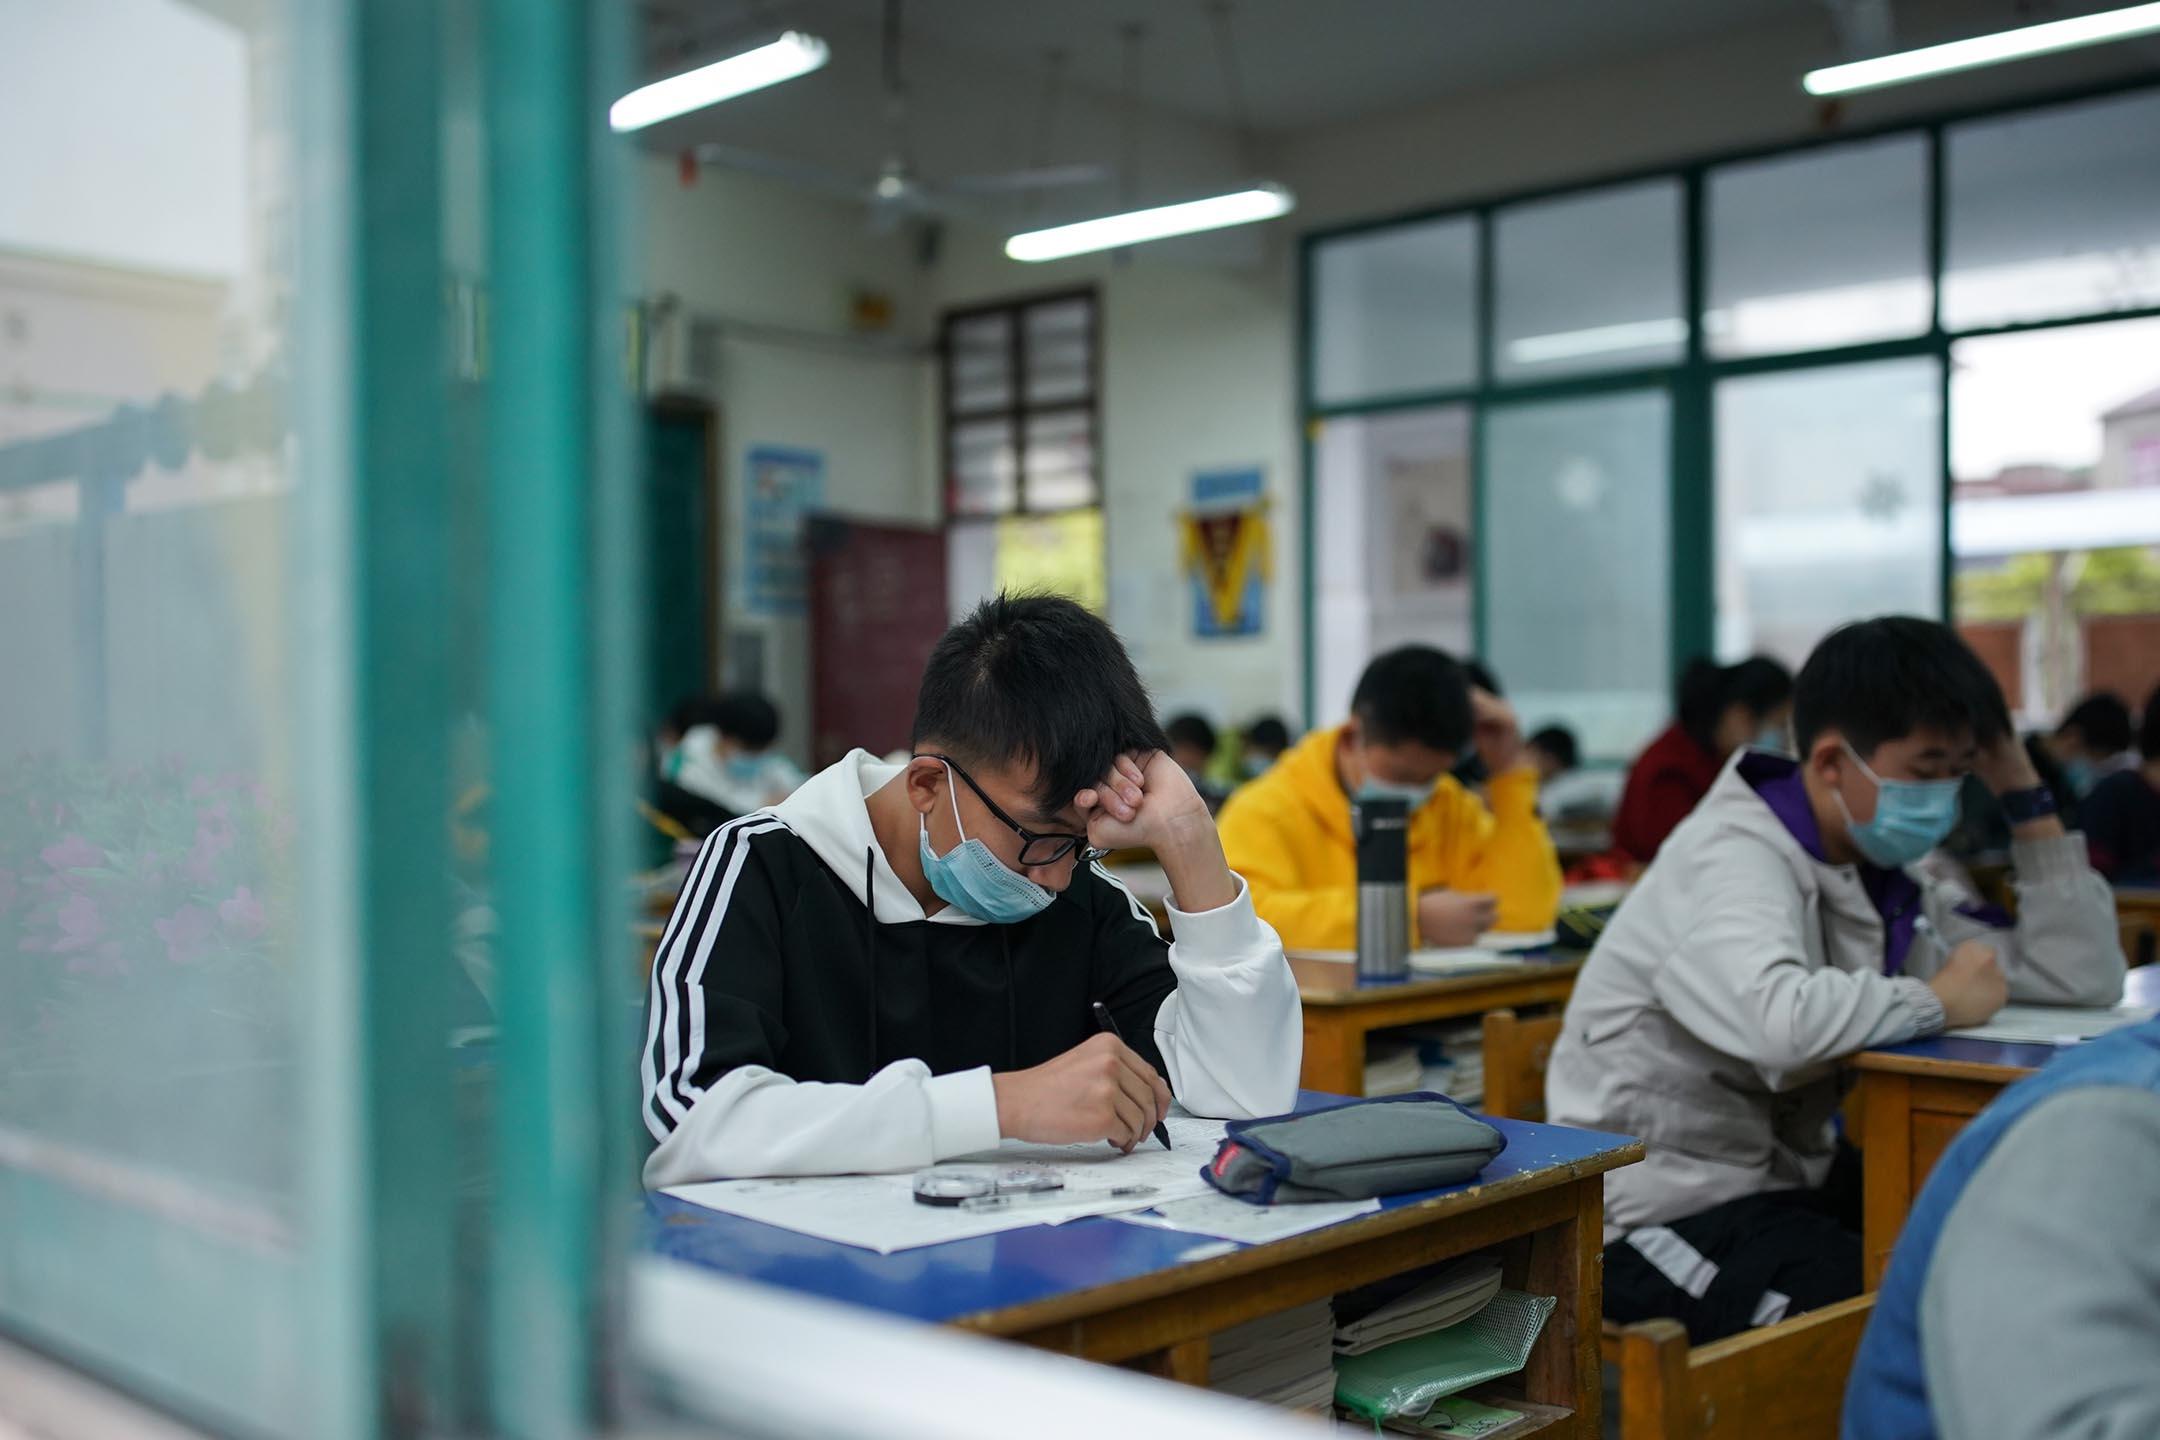 2020年4月17日中國靖縣,一所初中的學生在考試時戴著口罩。